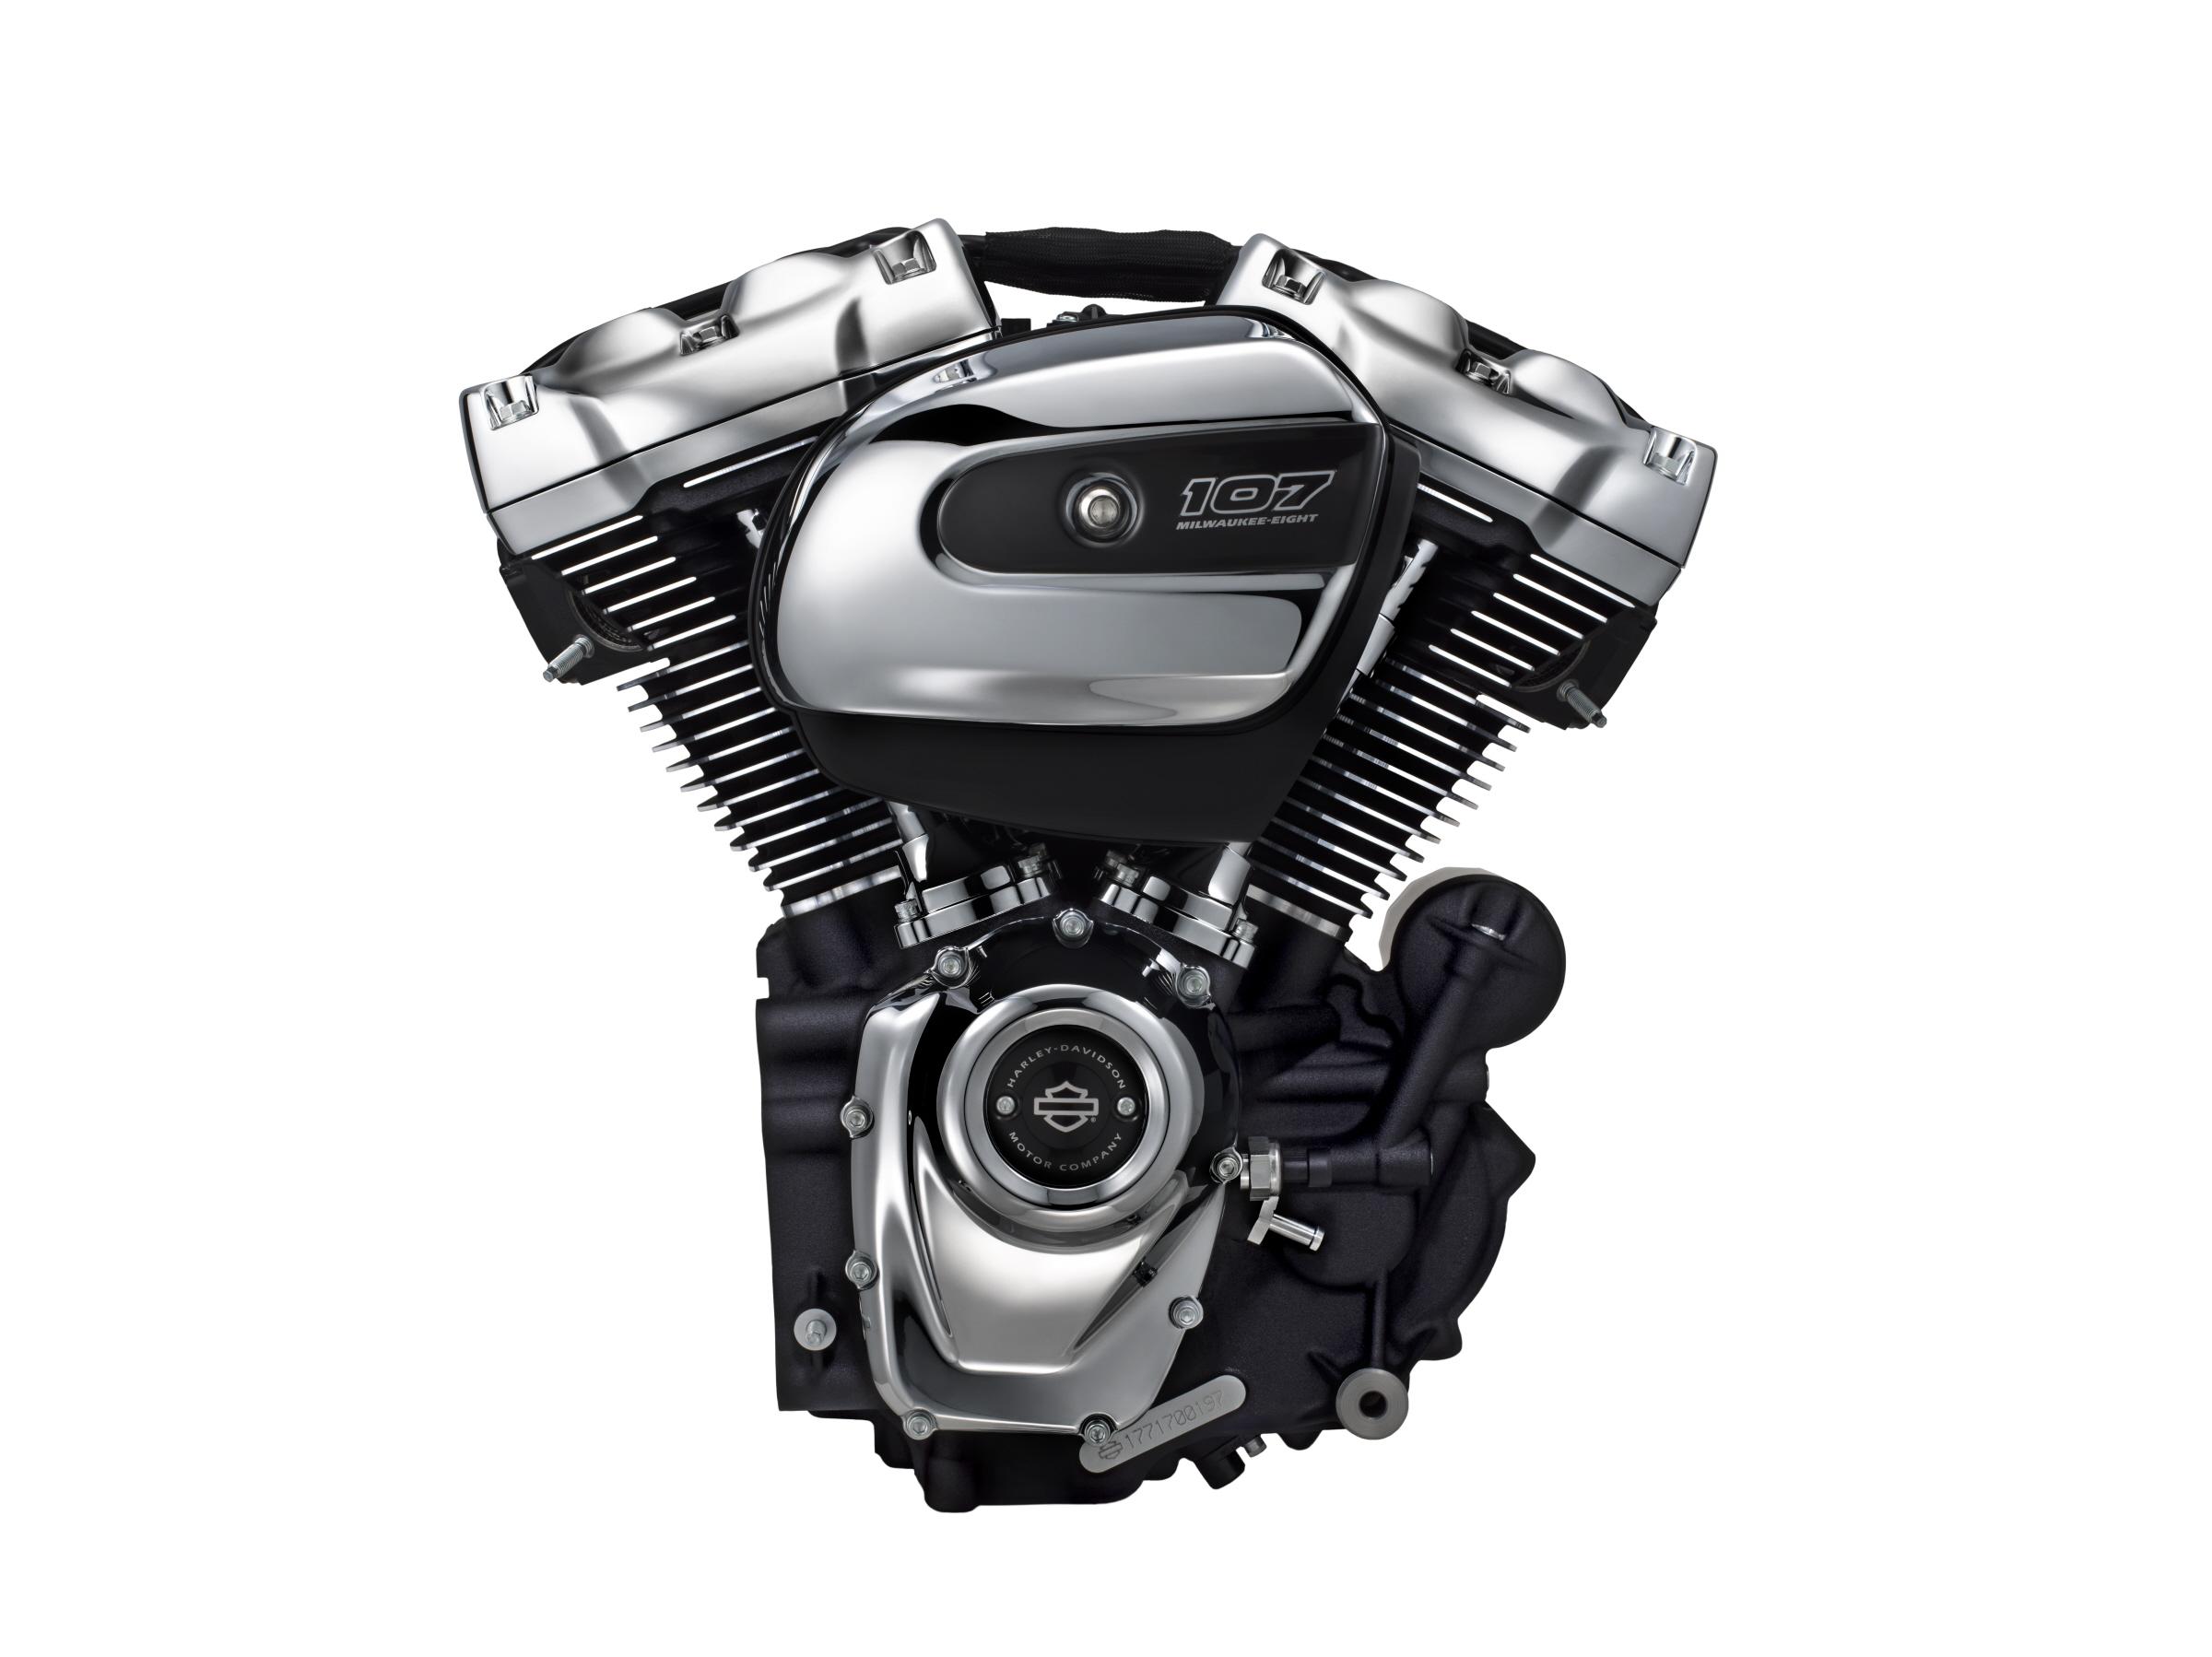 new engine, fewer harley-davidson models for 2017 - revzilla